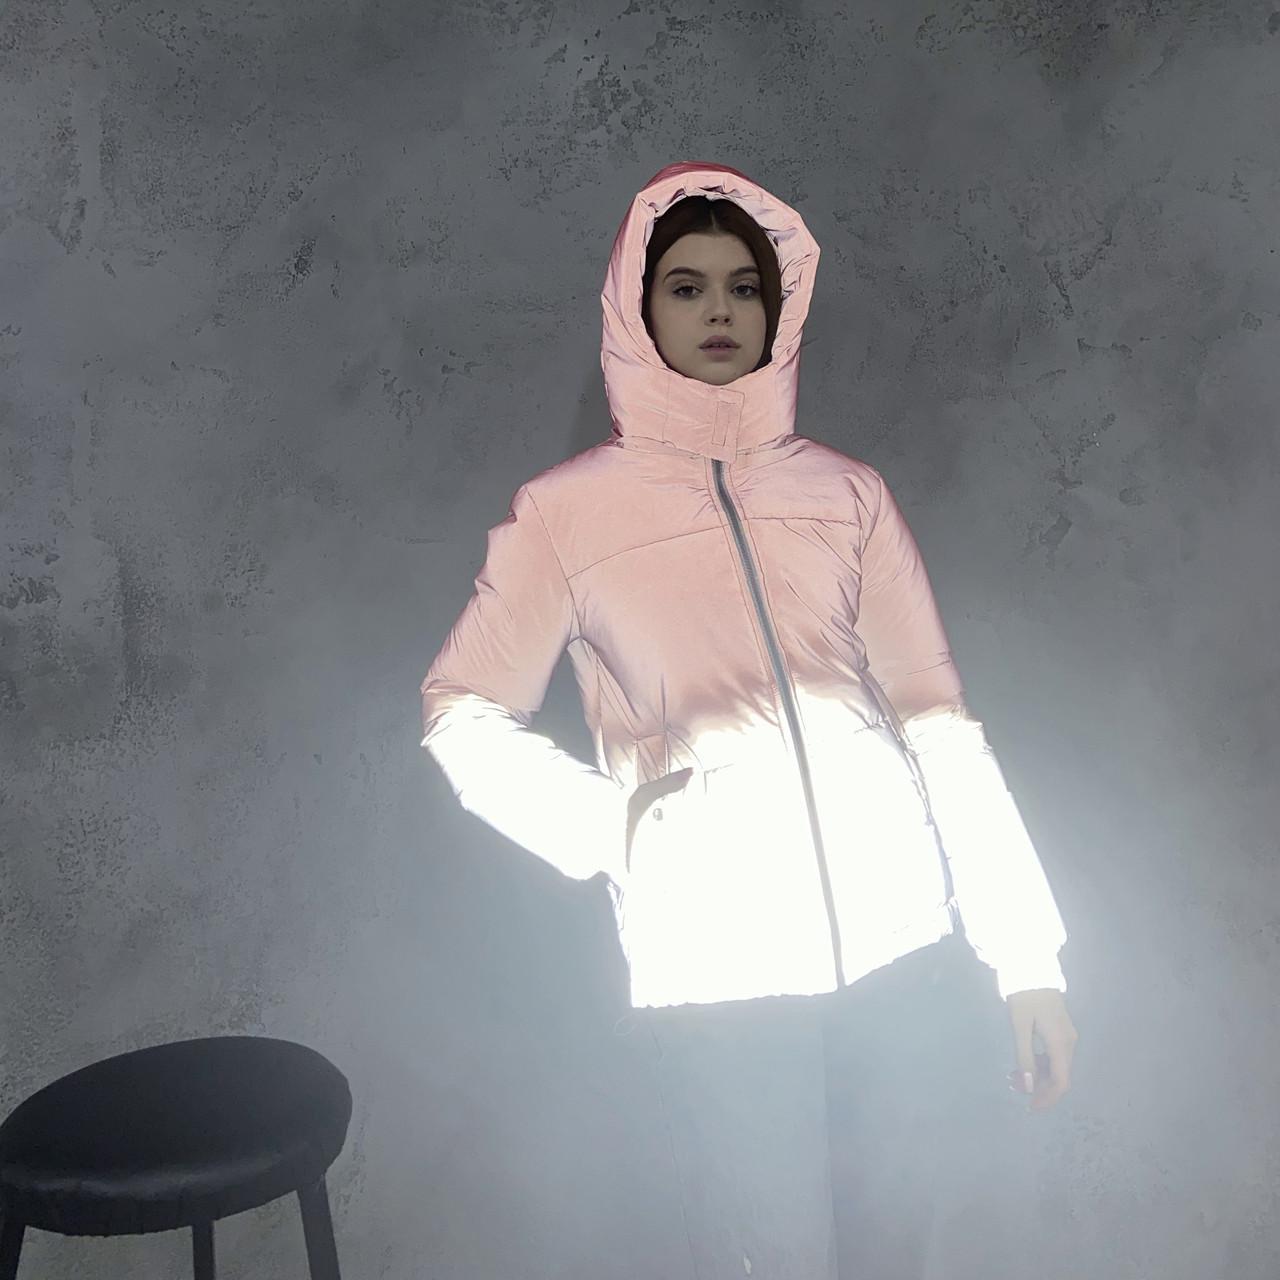 Куртка світловідбиваюча підліткова для дівчинки з двокольорового рефлективної тканини з переходом омбре